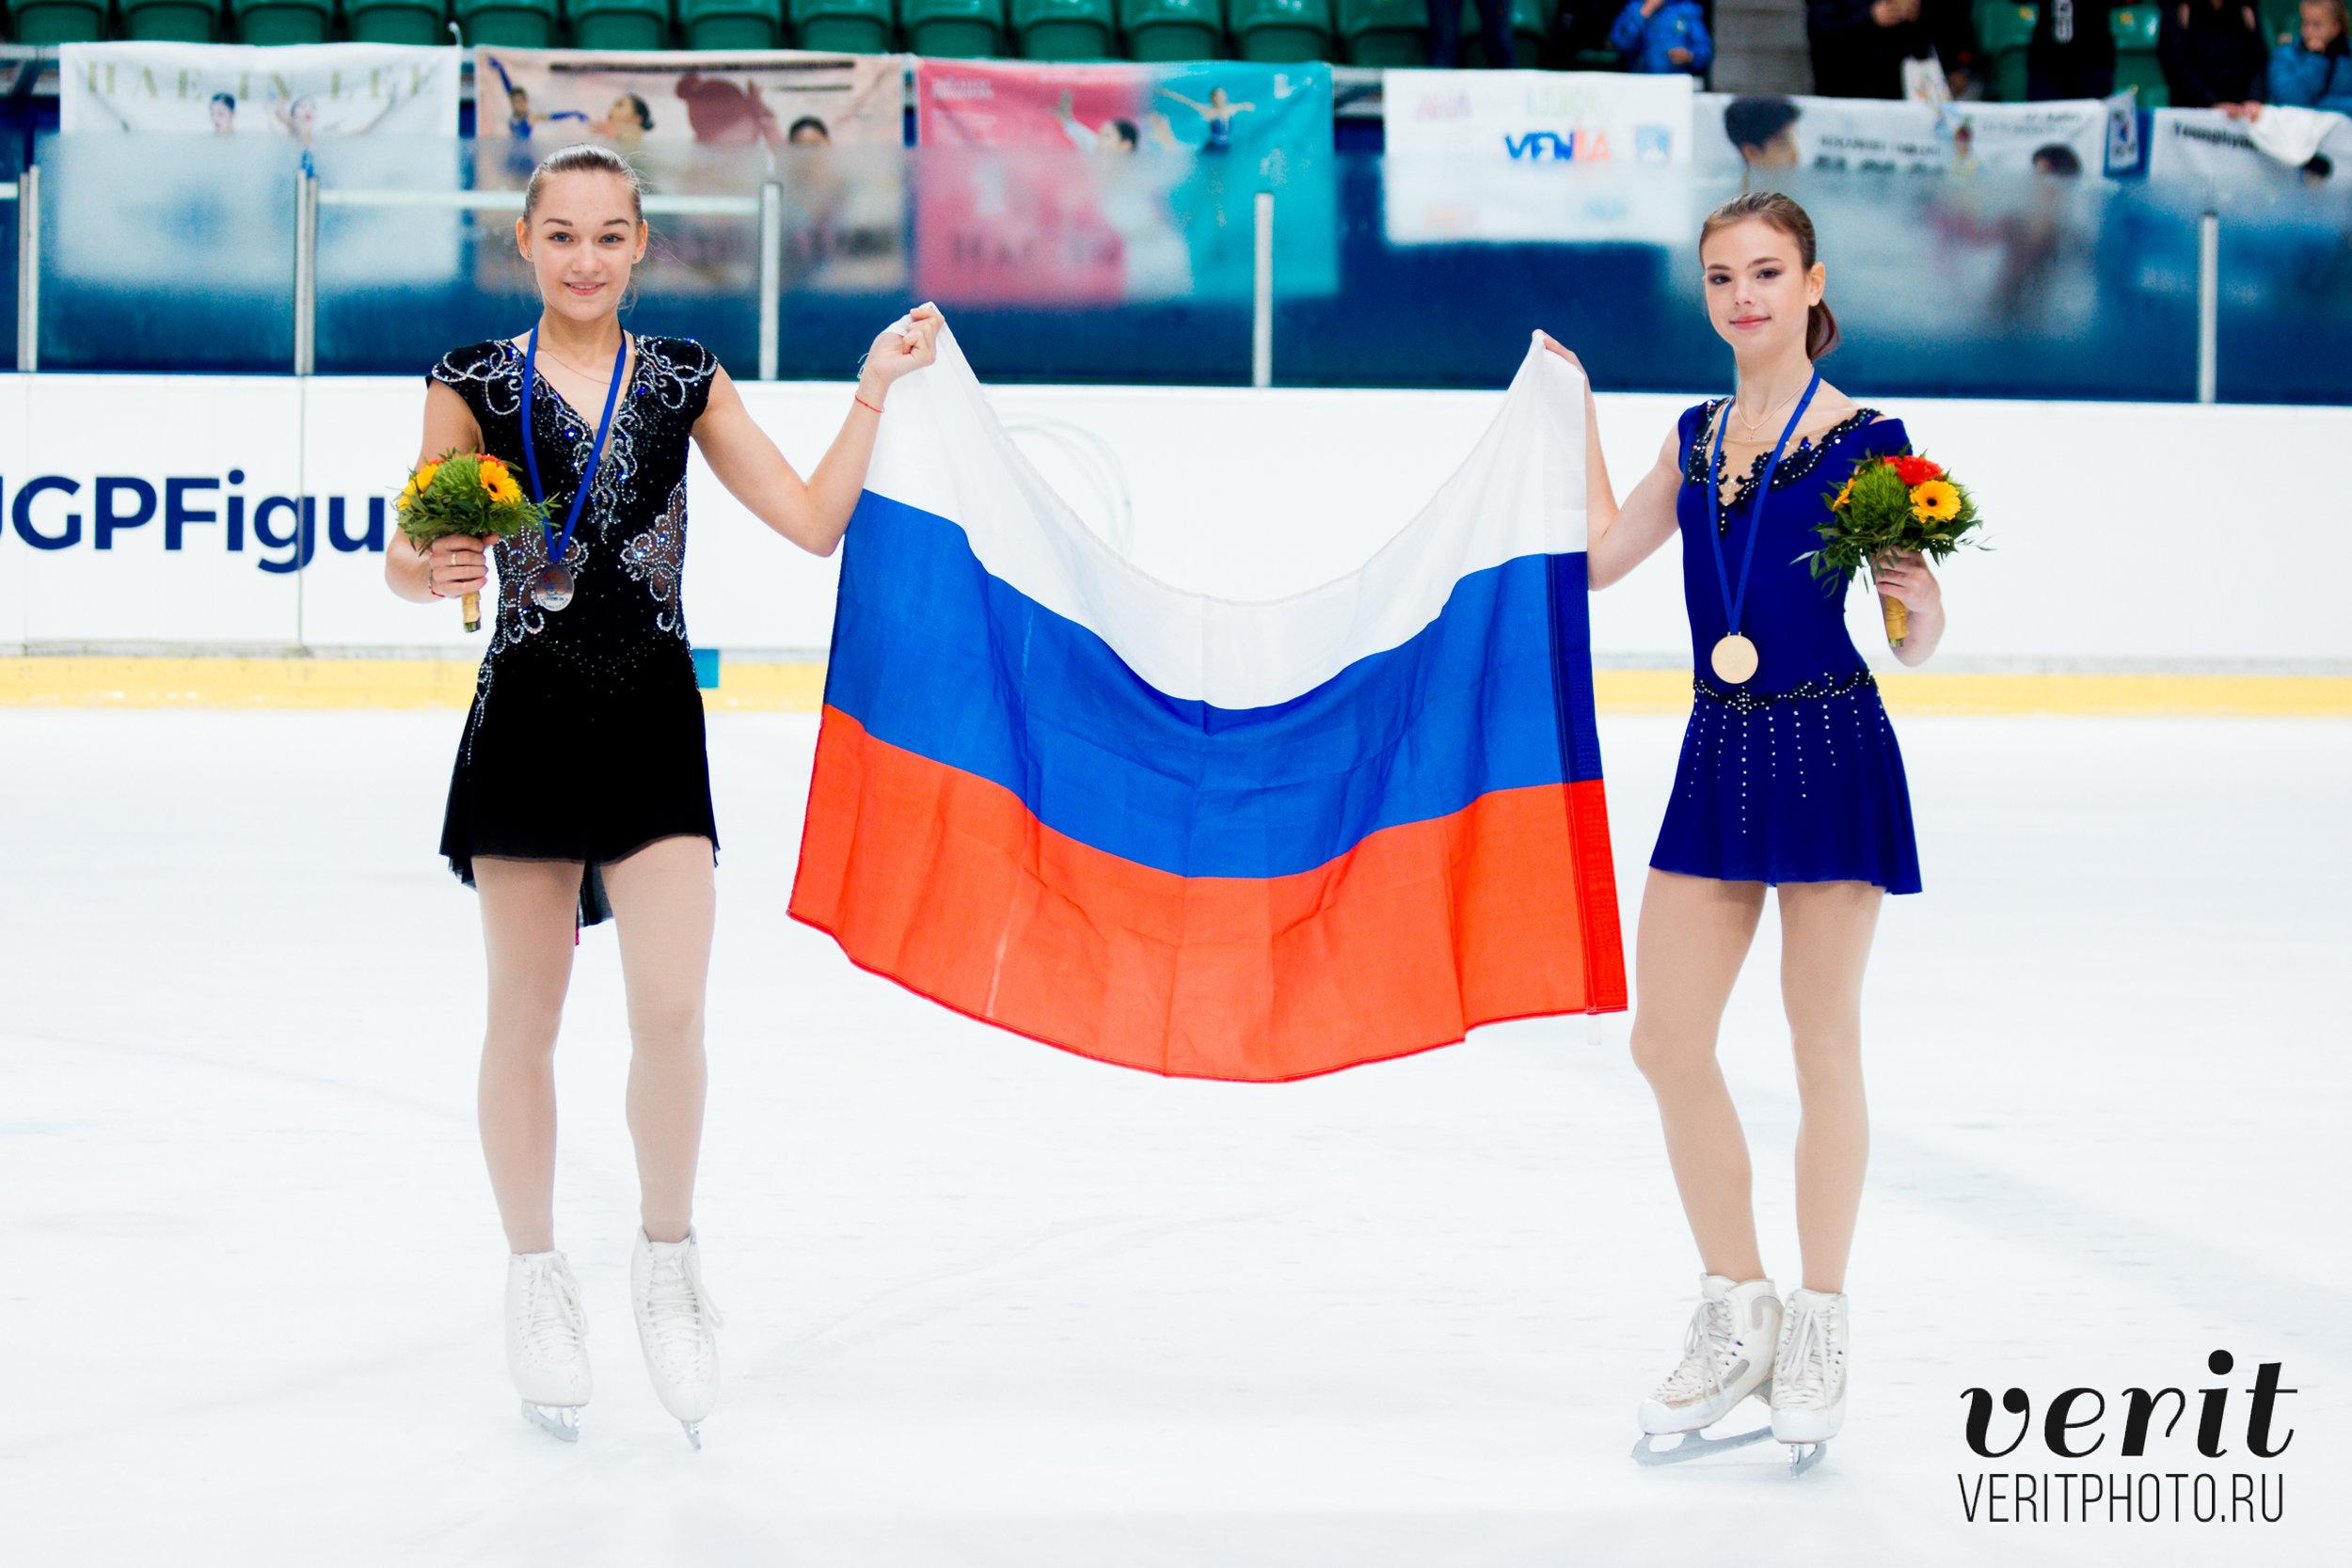 Anastasia Tarakanova and Anna Tarusina at the victory ceremony (   Photo credit: Verit   )